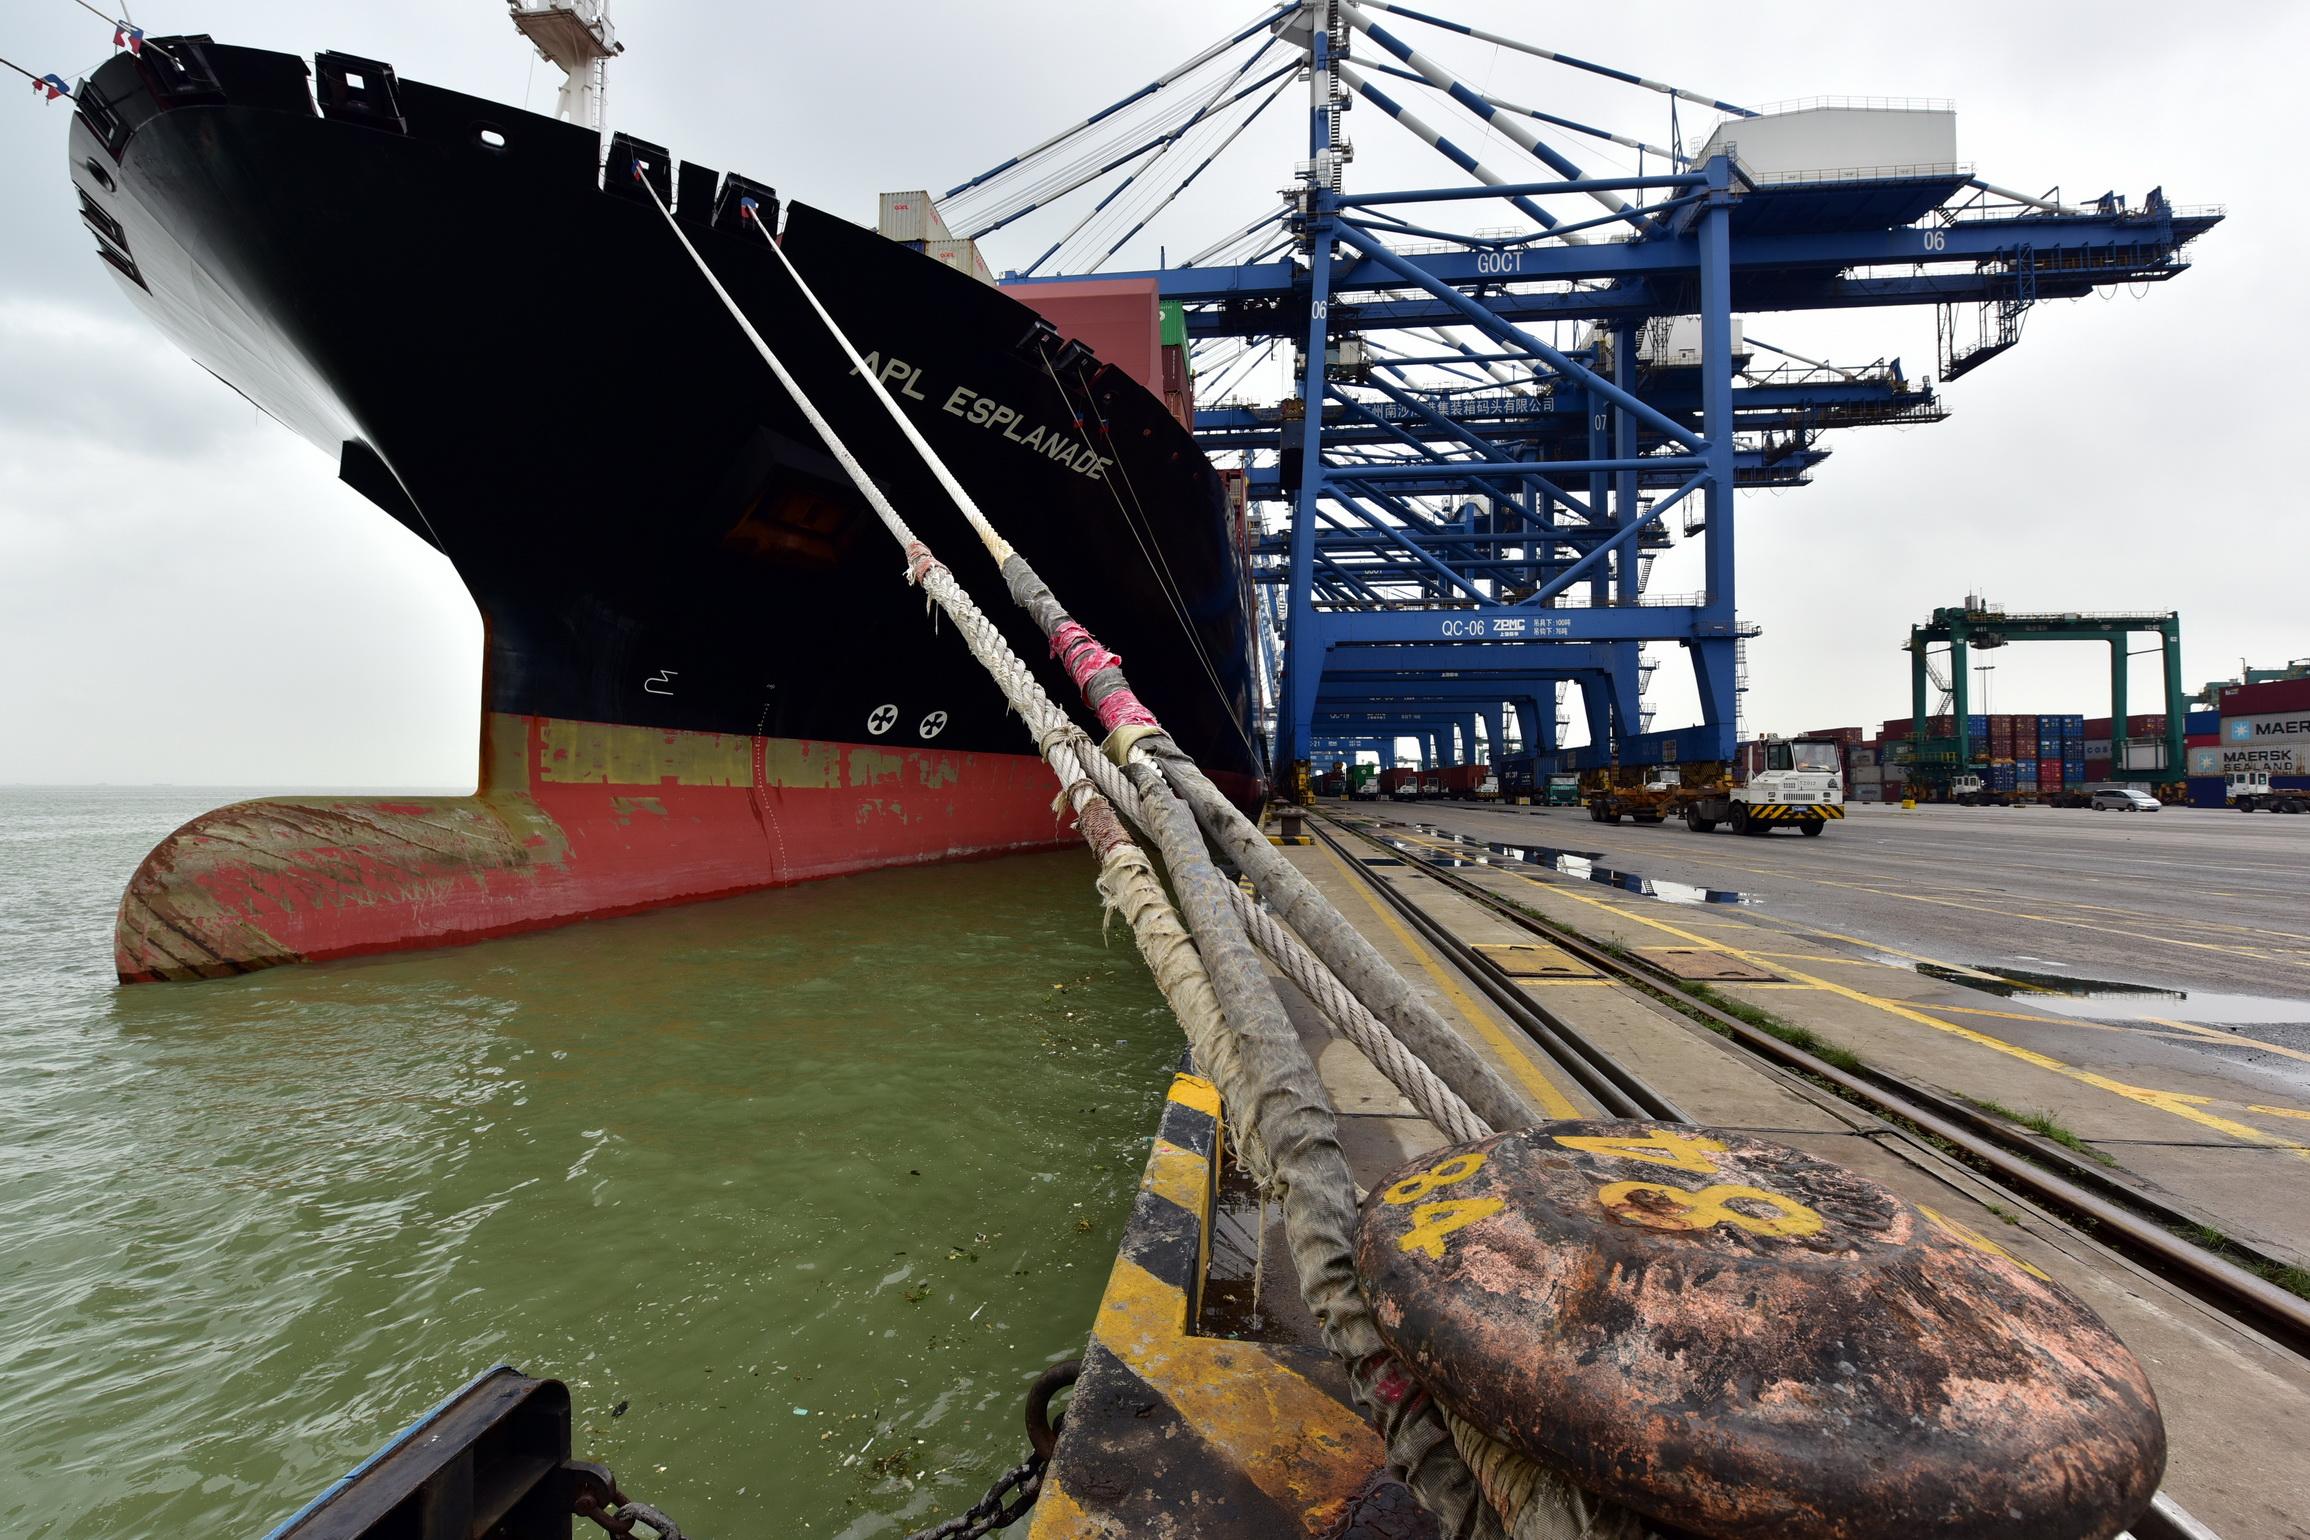 海洋經濟正變為推動國家經濟發展的重要力量。攝影/章軻